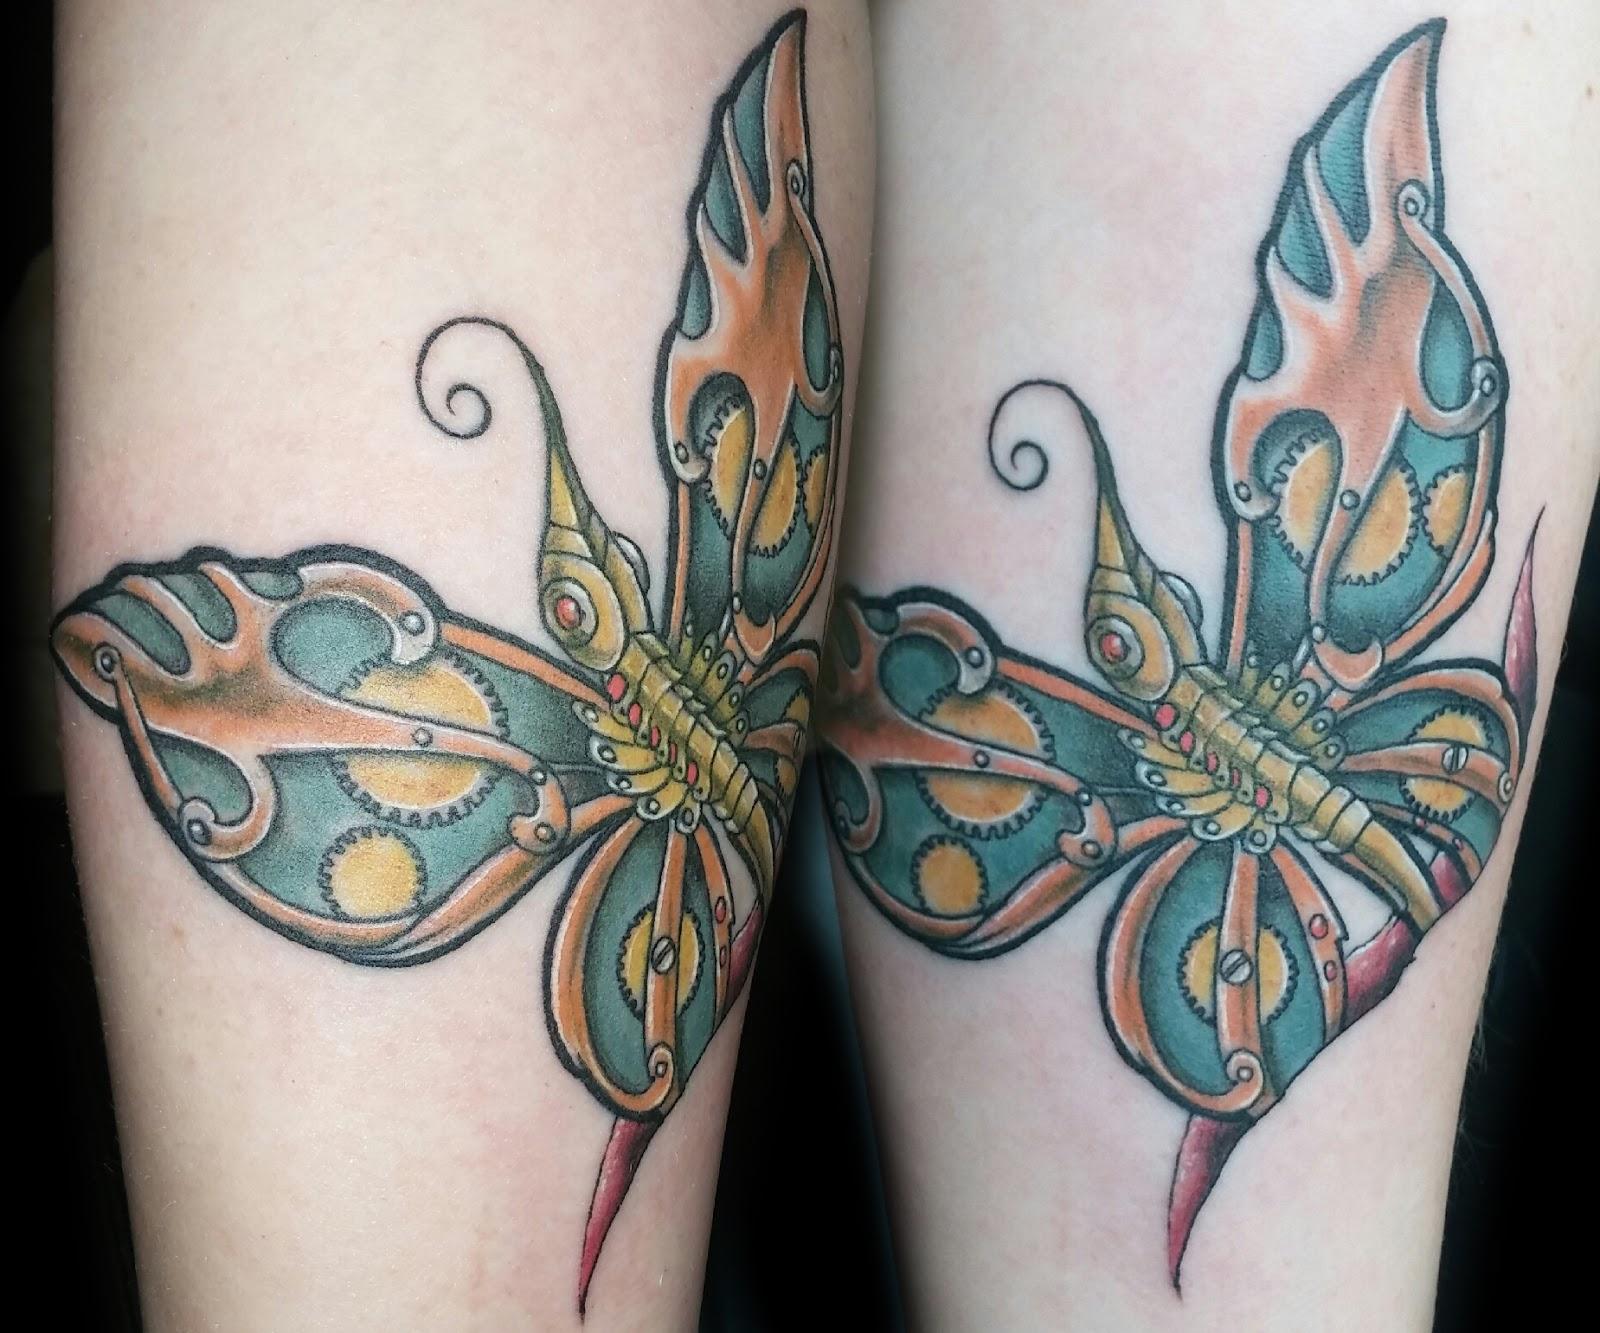 Wicked Ways Tattoo